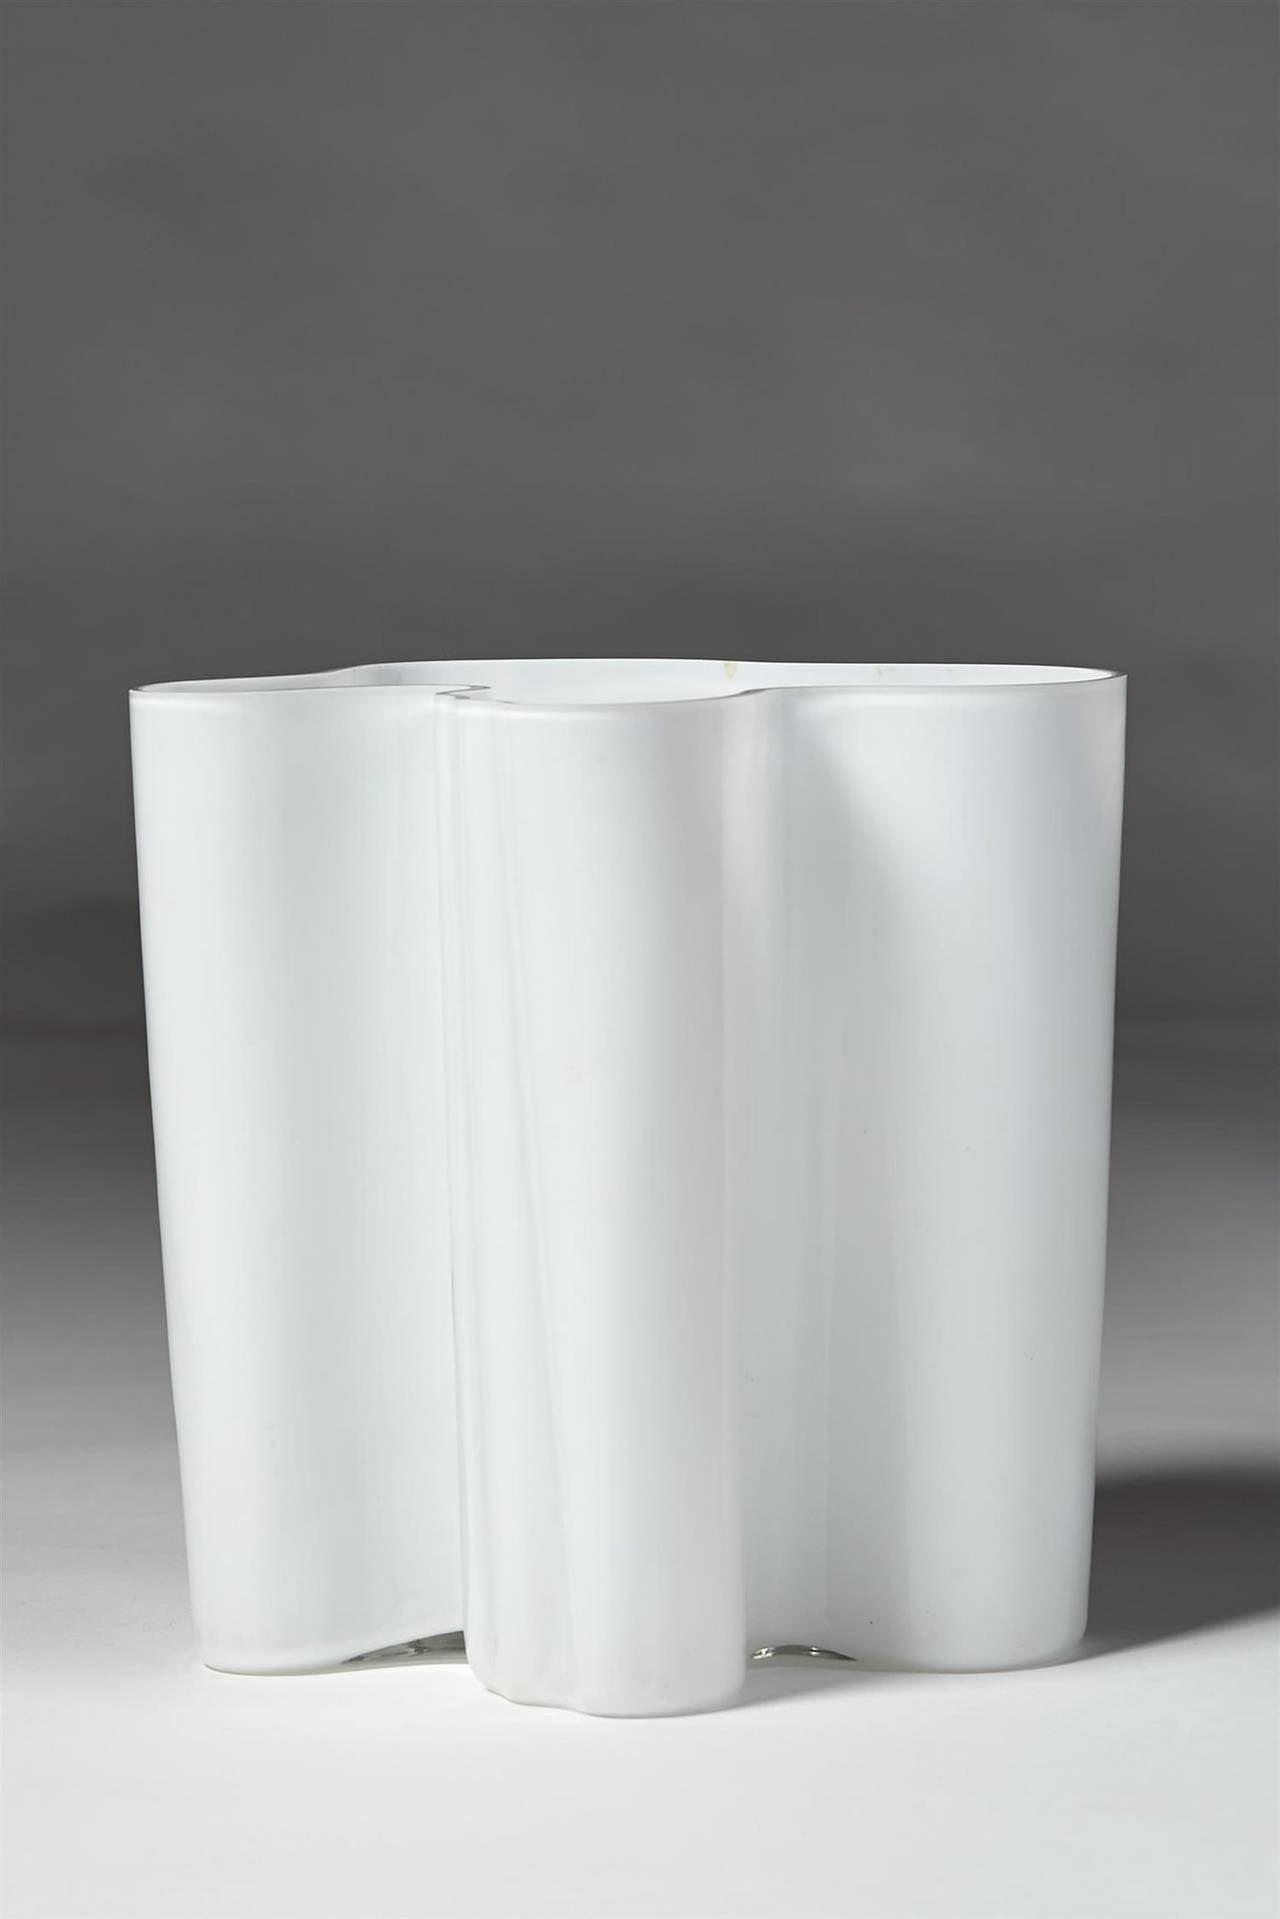 savoy vase designed by alvar aalto for iittala finland. Black Bedroom Furniture Sets. Home Design Ideas